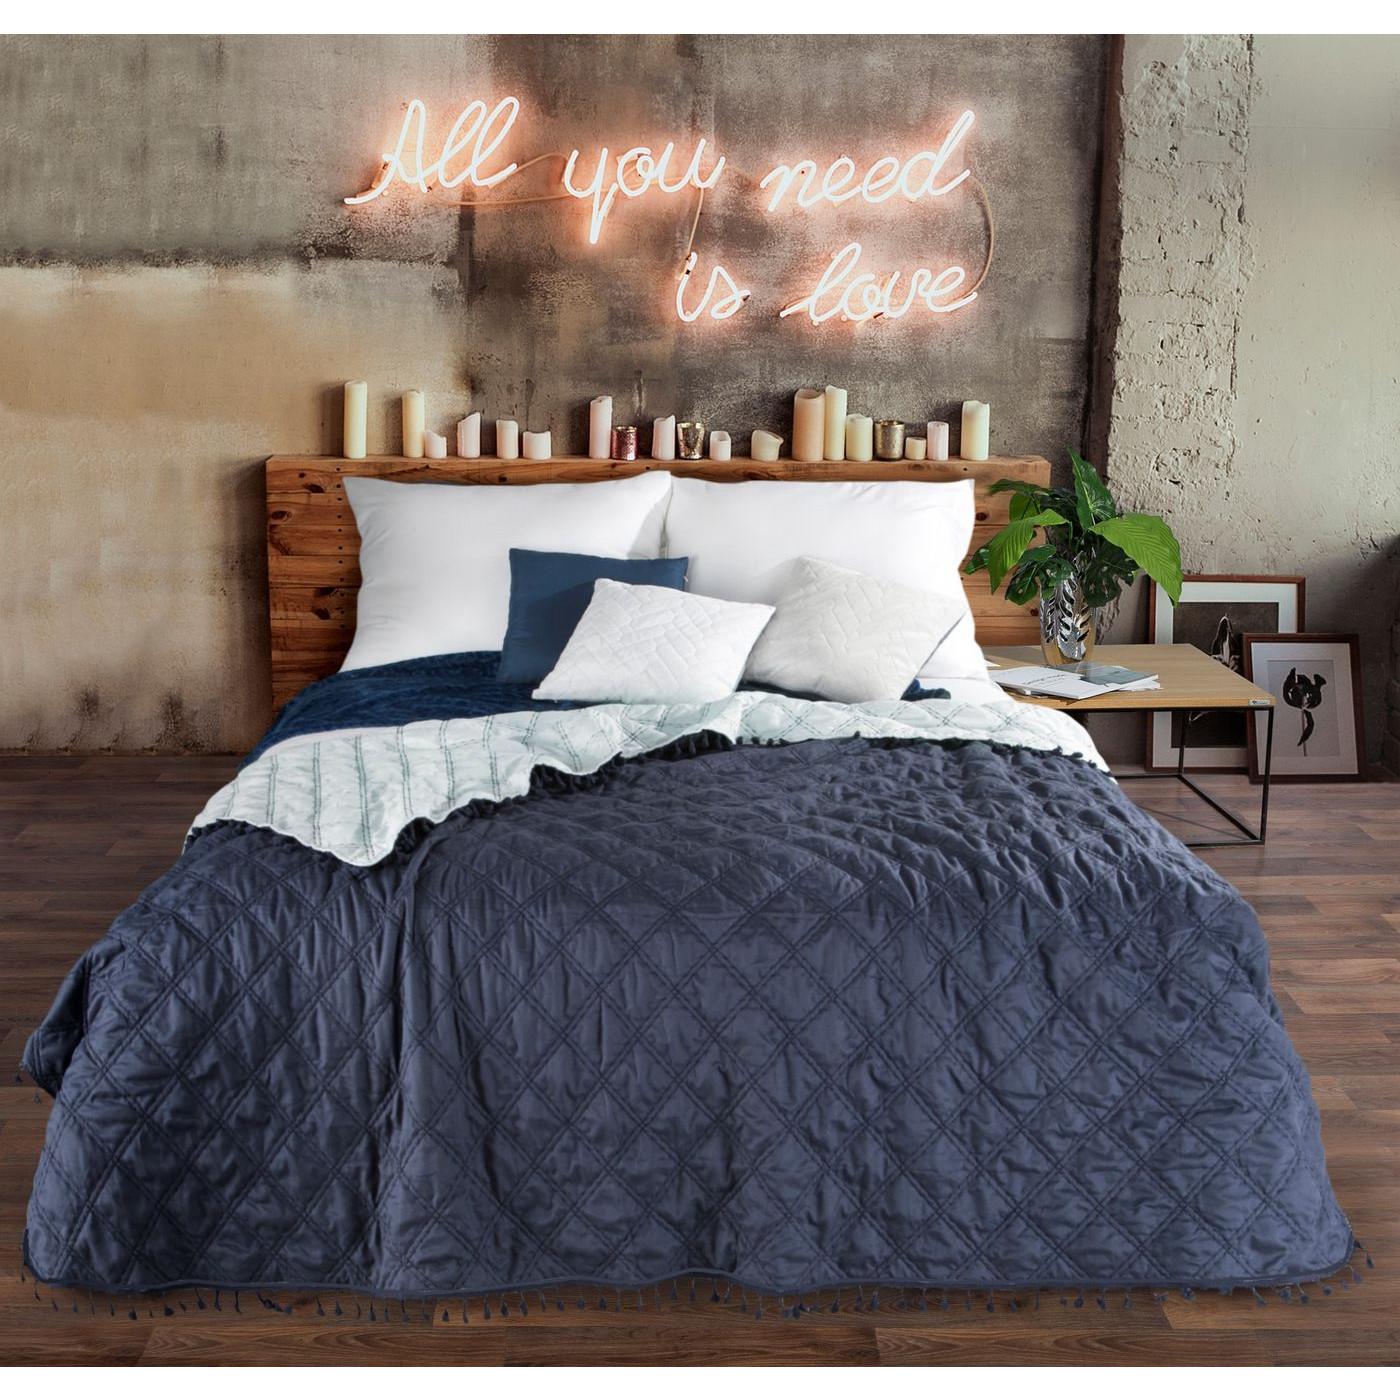 Narzuta na łóżko przeszywana dwustronna 170x210 cm granatowo-błękitna